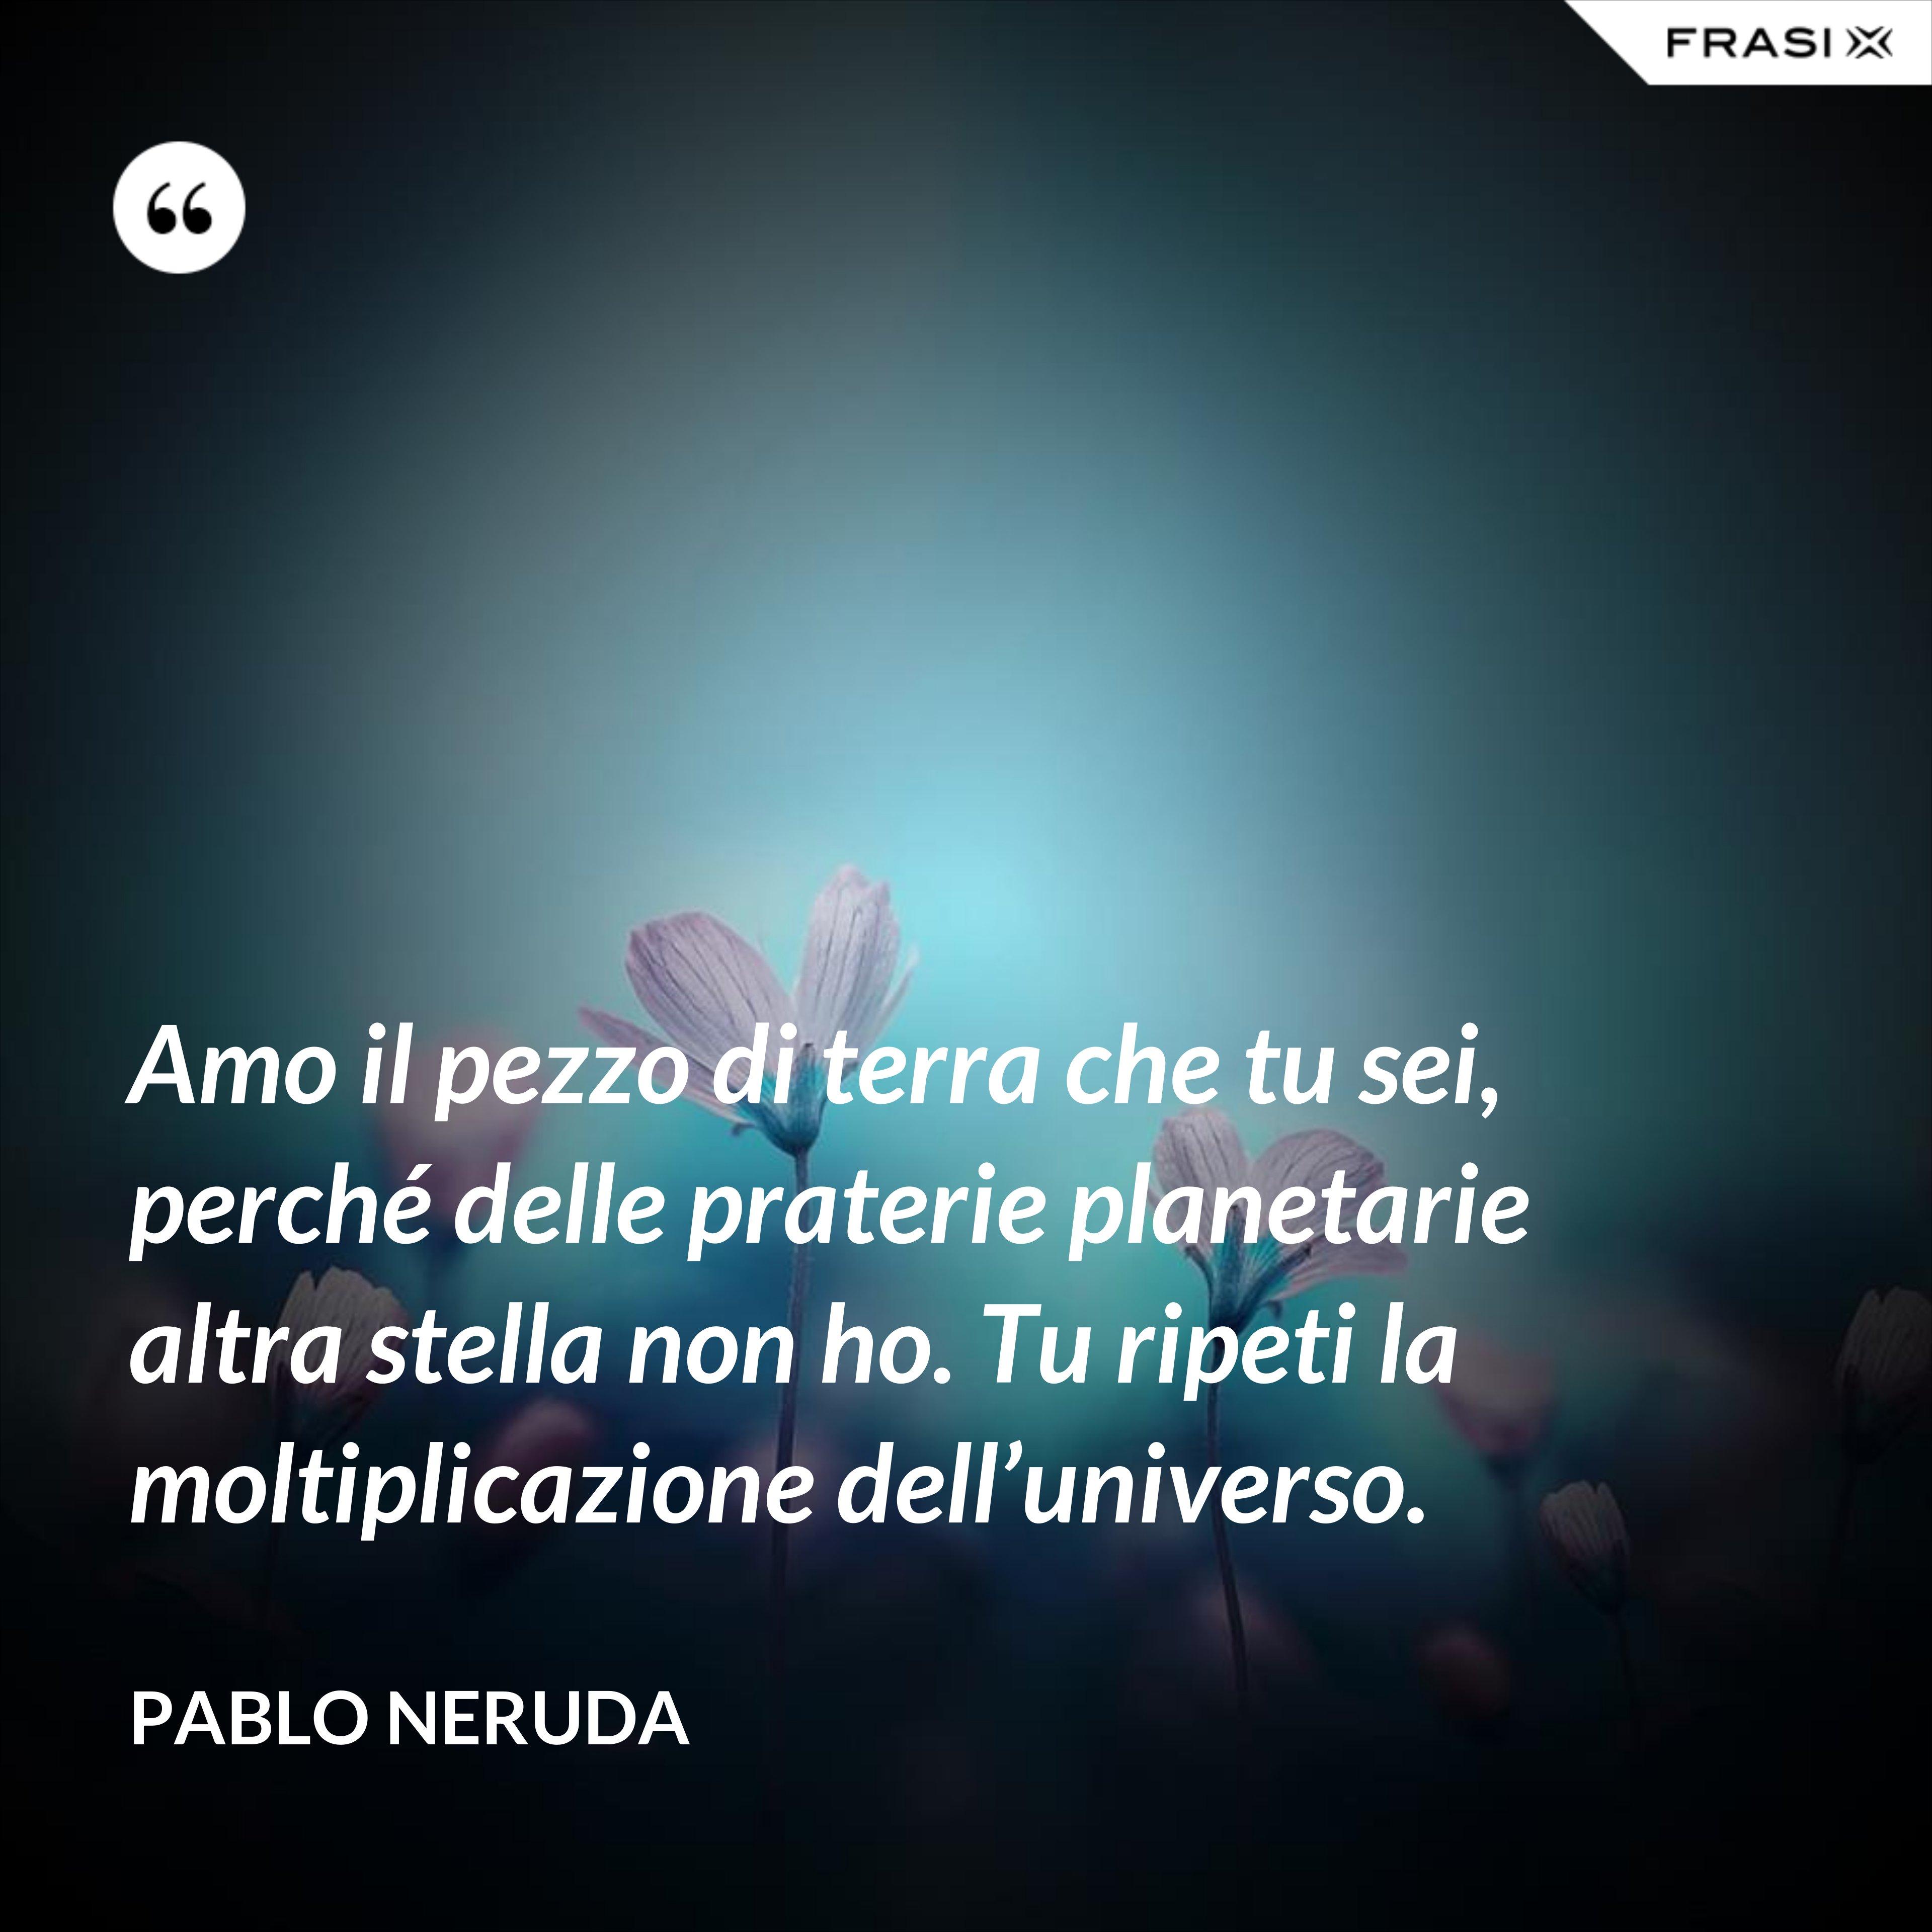 Amo il pezzo di terra che tu sei, perché delle praterie planetarie altra stella non ho. Tu ripeti la moltiplicazione dell'universo. - Pablo Neruda